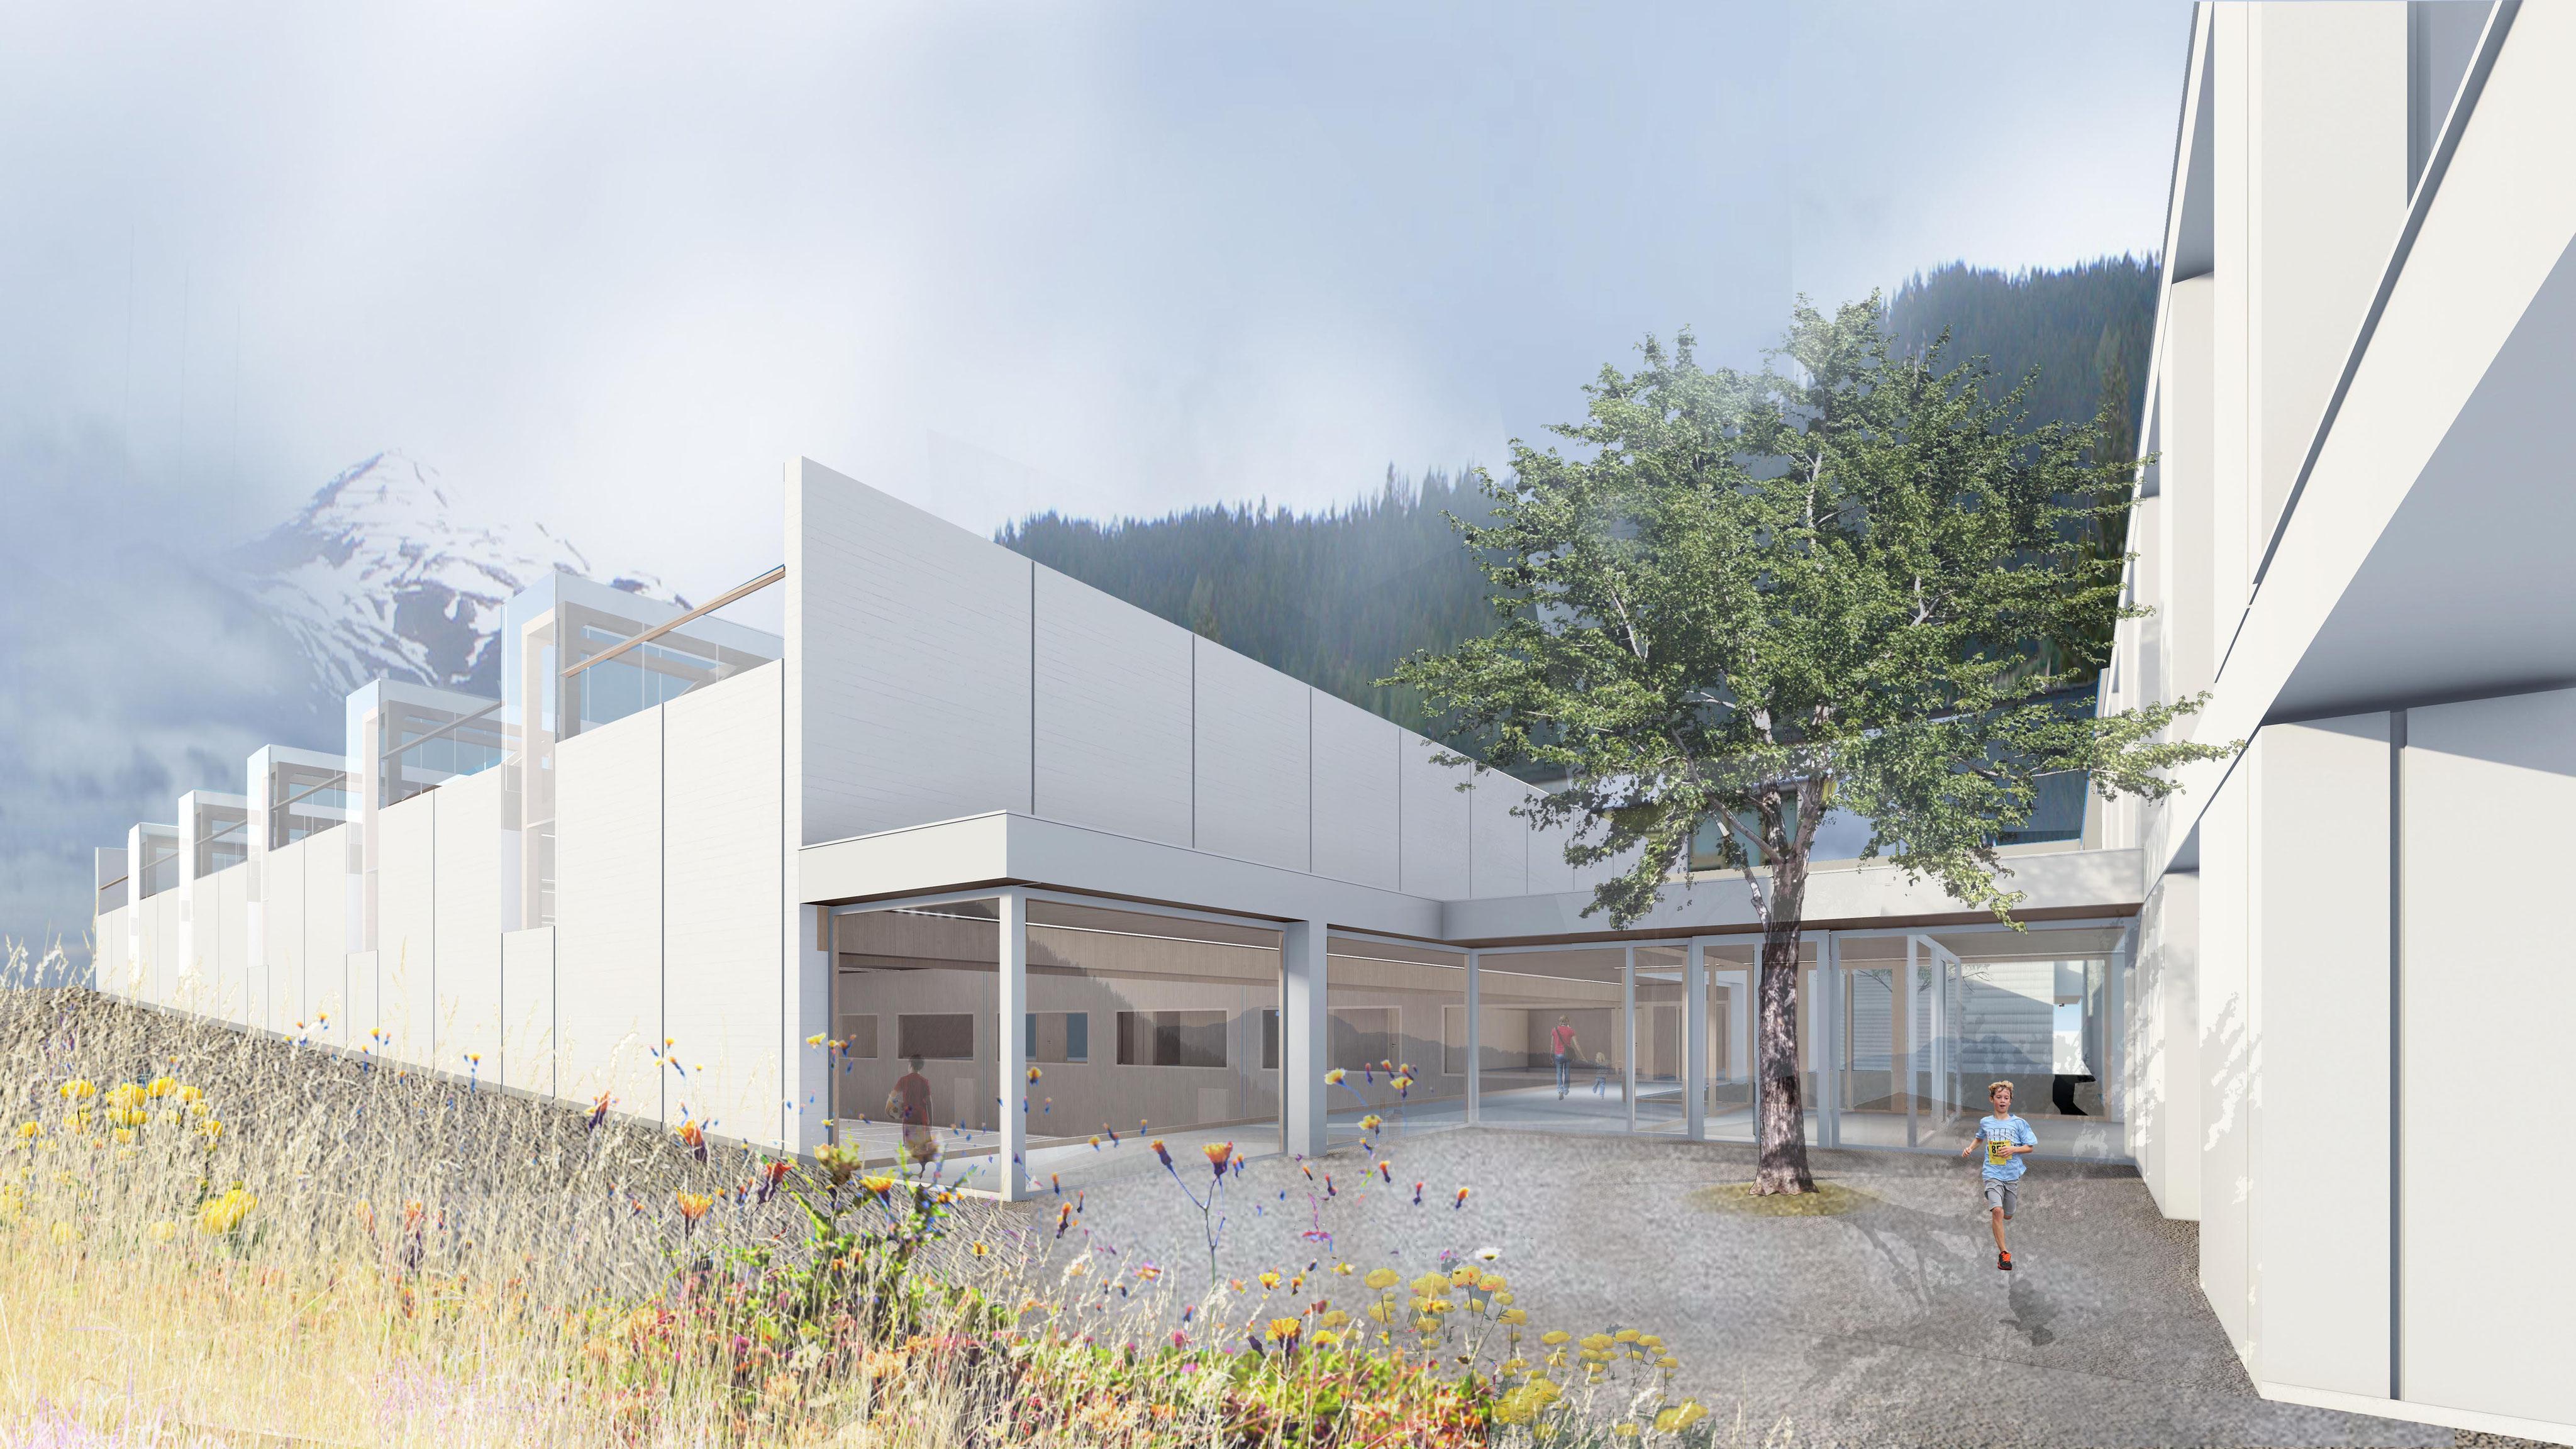 Projektwettbewerb dreifachturnhalle davos platz b k architekten ag - Berghaus architekten ...